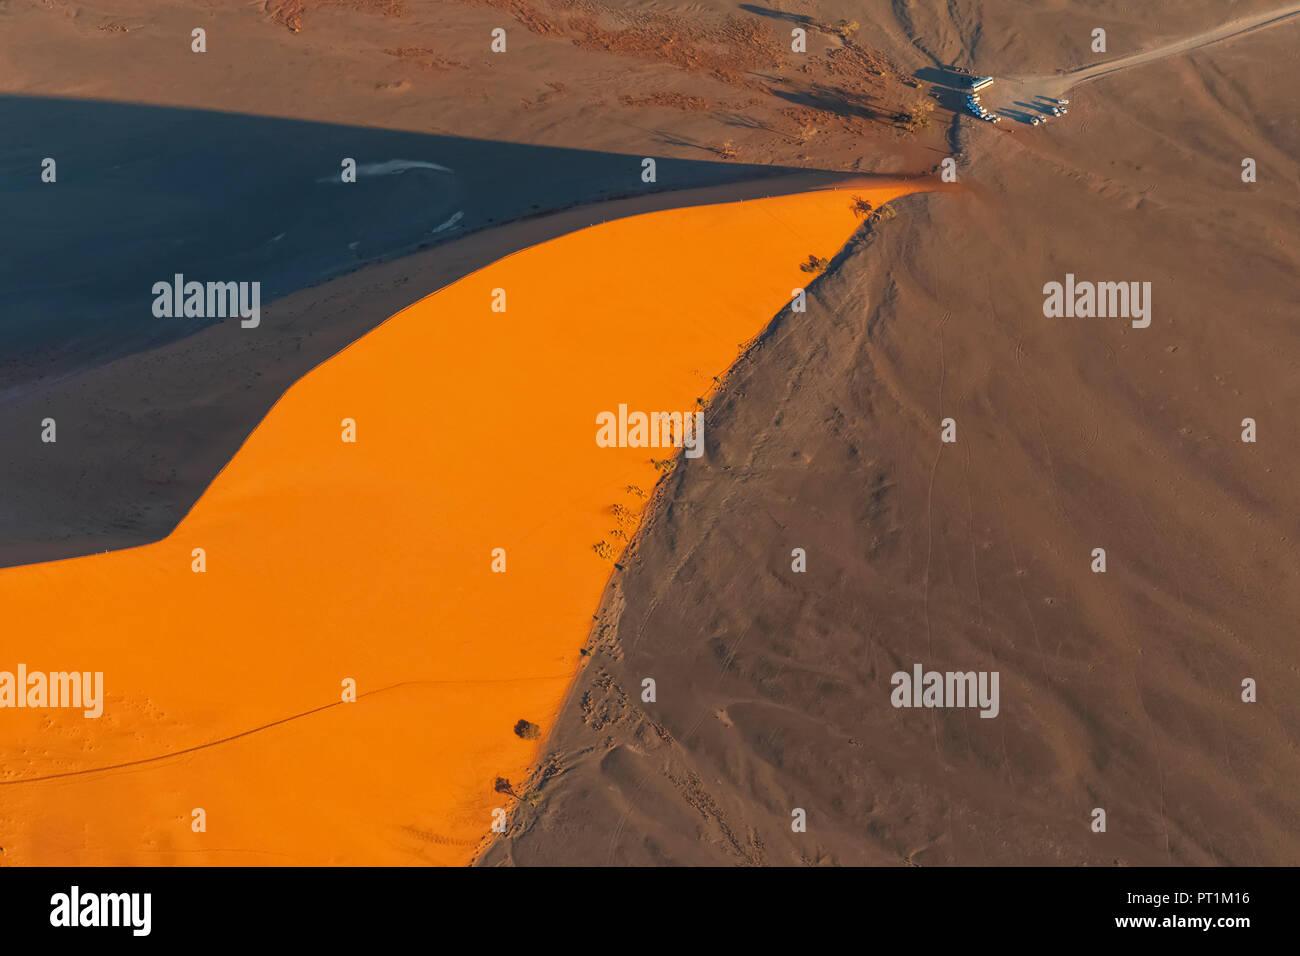 L'Afrique, la Namibie, le désert de Namib, Namib-Naukluft National Park, vue aérienne du désert dune 45 Banque D'Images